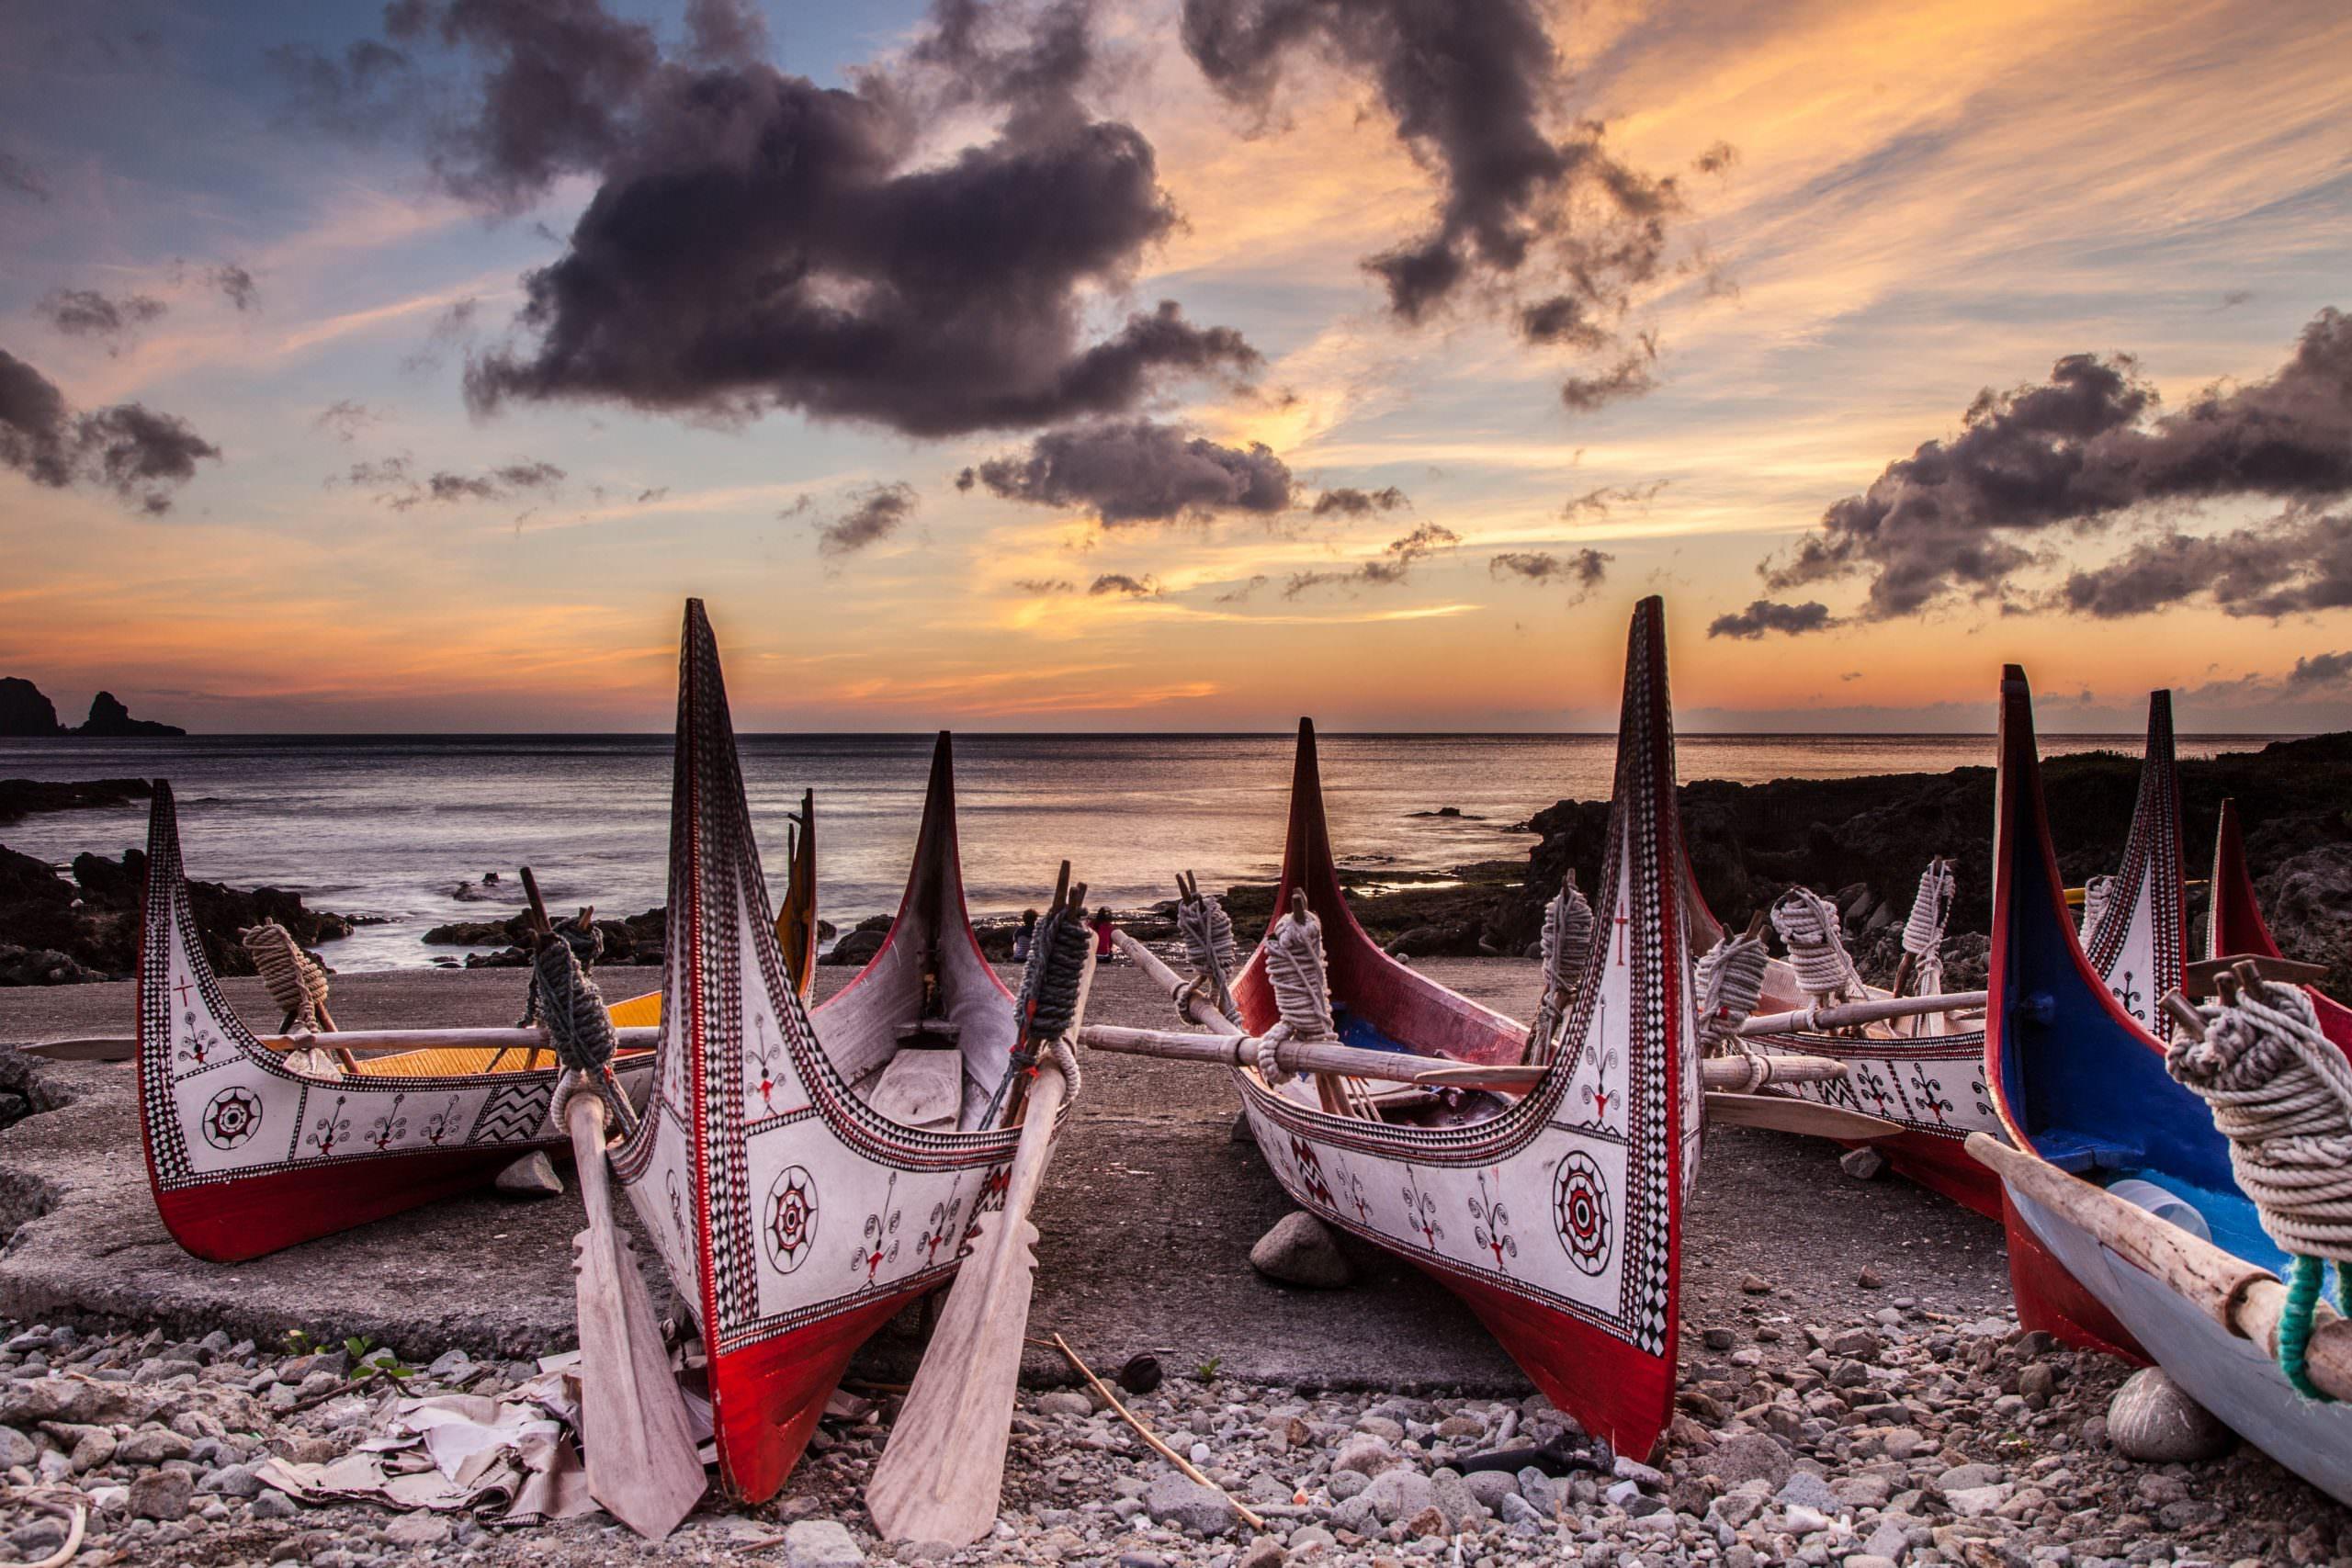 拼板舟,蘭嶼景點,蘭嶼自由行,蘭嶼飛魚祭,蘭嶼飛魚季